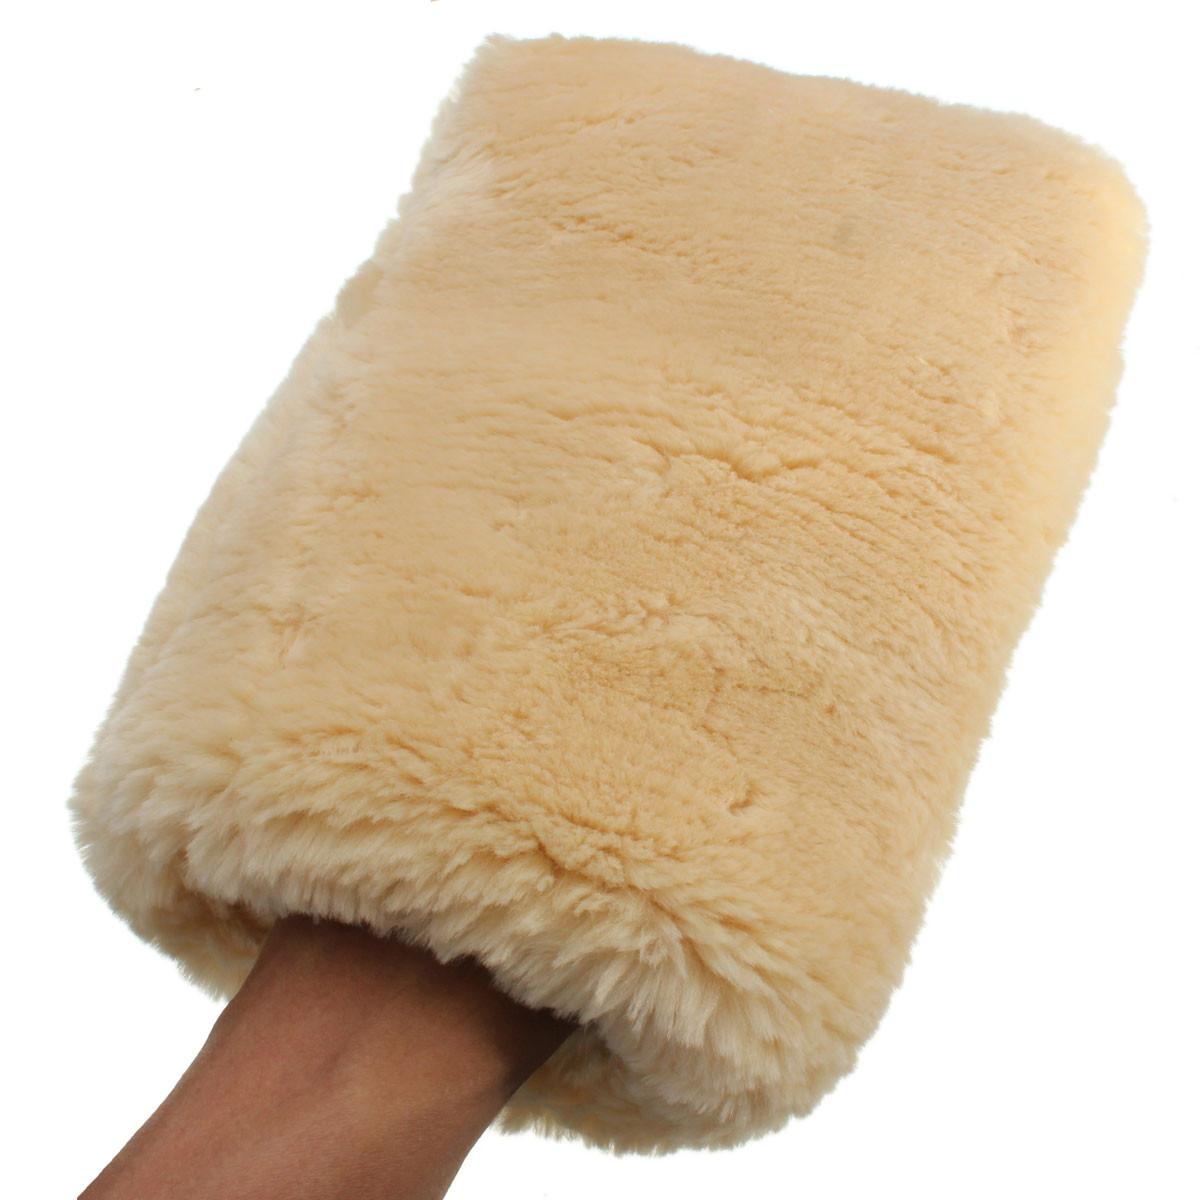 [해외]1 조각 24 x 16cm Lambswool Wash Mitt 부드러운 양모 자동차 청소 장갑/1Piece 24 x 16cm Lambswool Wash Mitt Soft Sheepskin Car Cleaning Glove